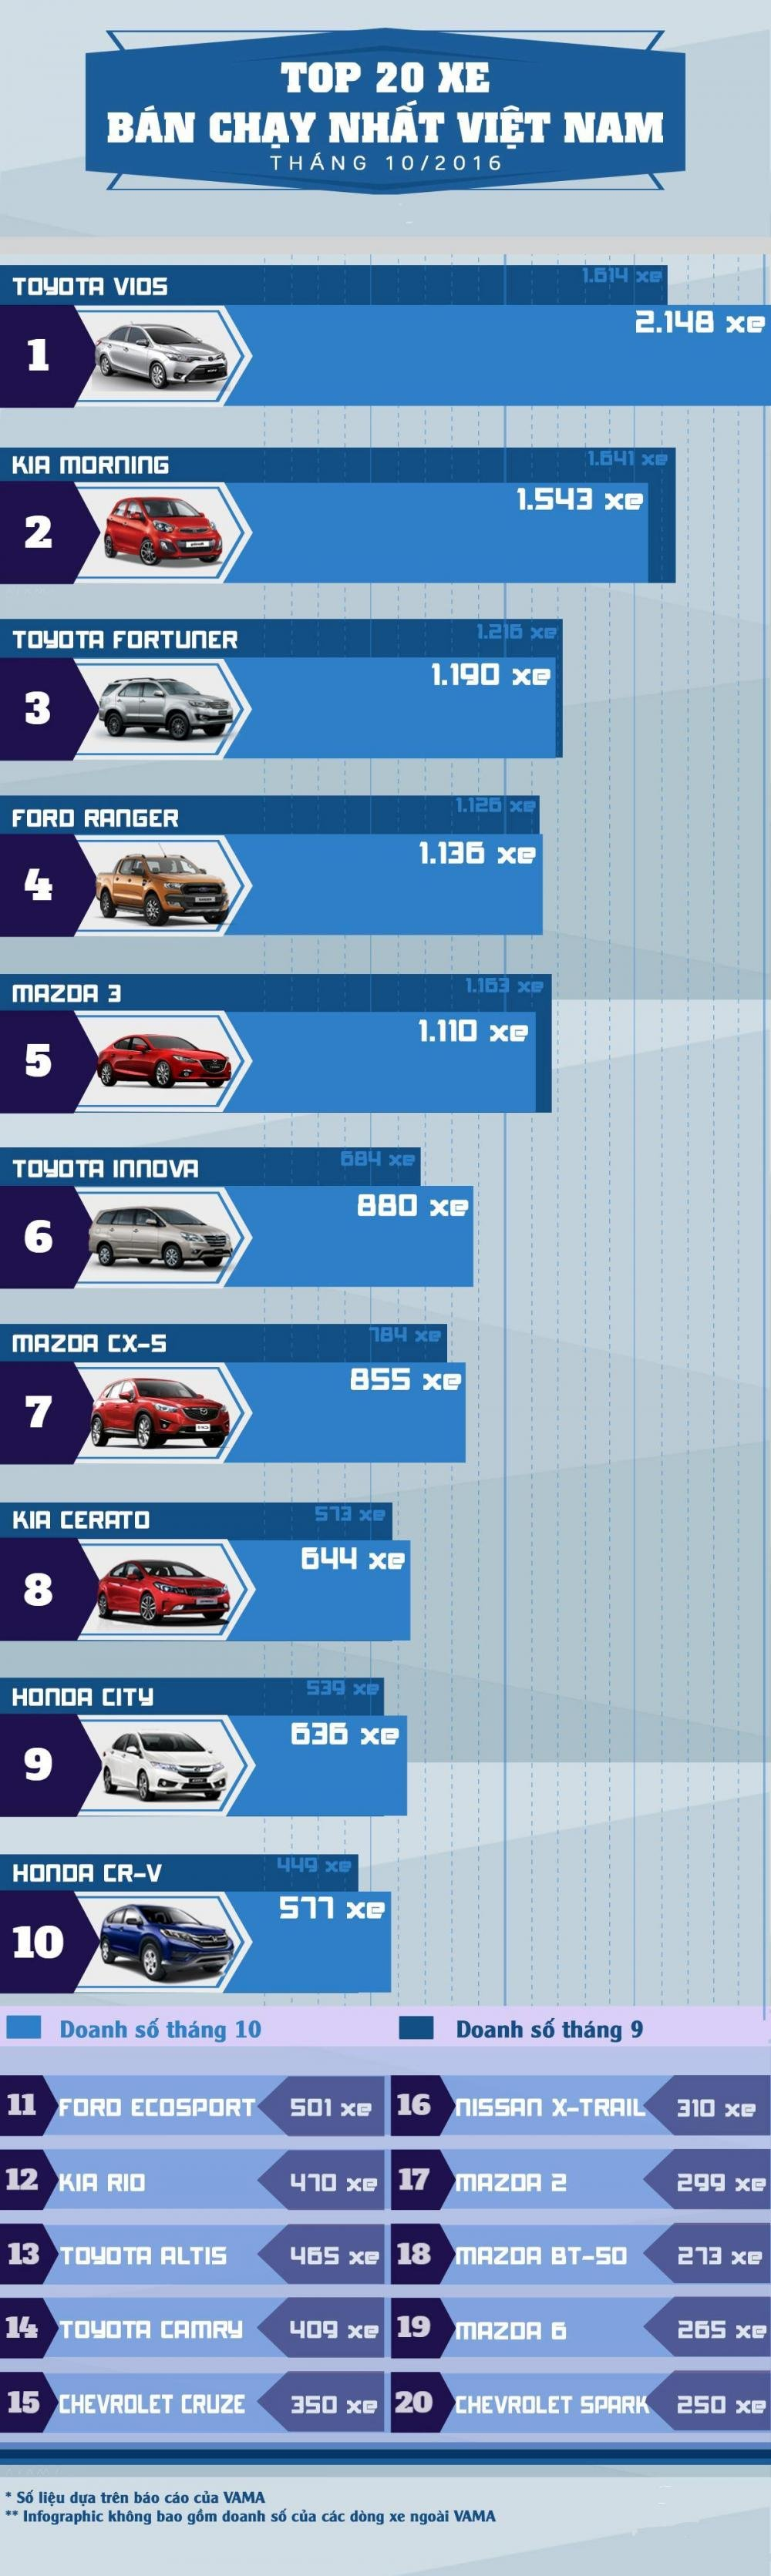 Danh sách 20 mẫu xe bán chạy nhất thị trường Việt Nam tháng 10/2016.